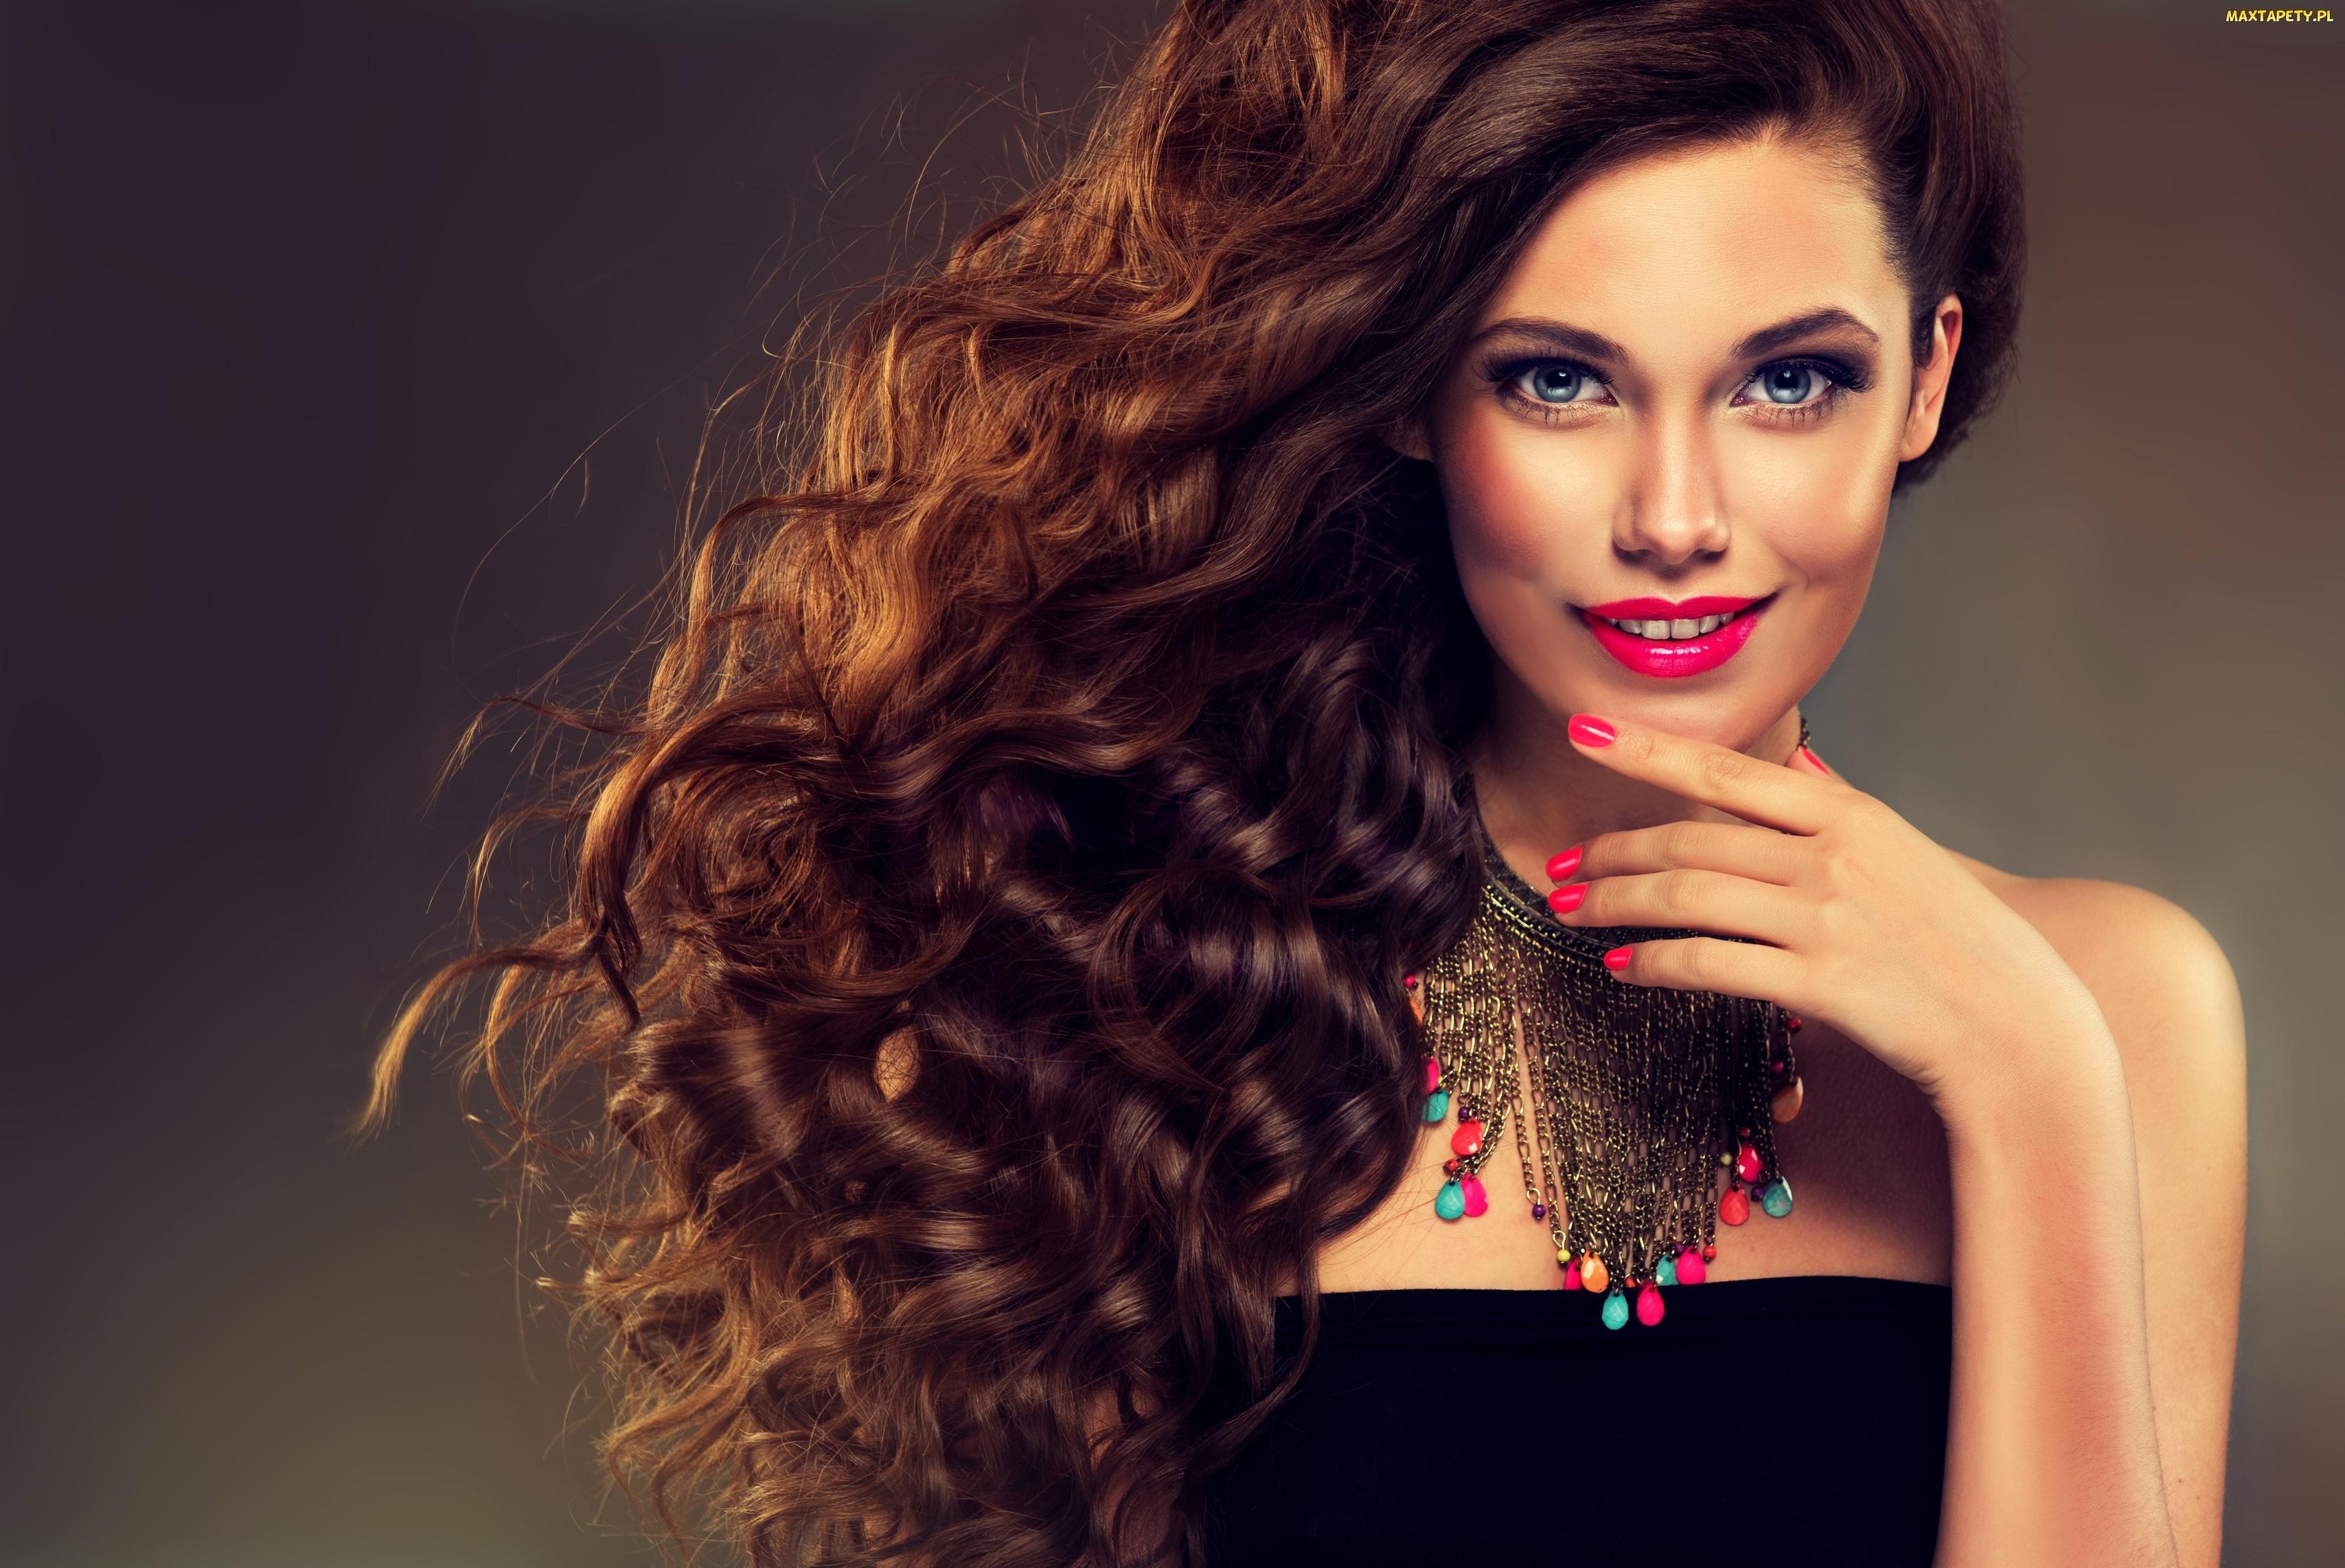 tapety, zdjęcia - kobieta, naszyjnik, włosy, makijaż, długie